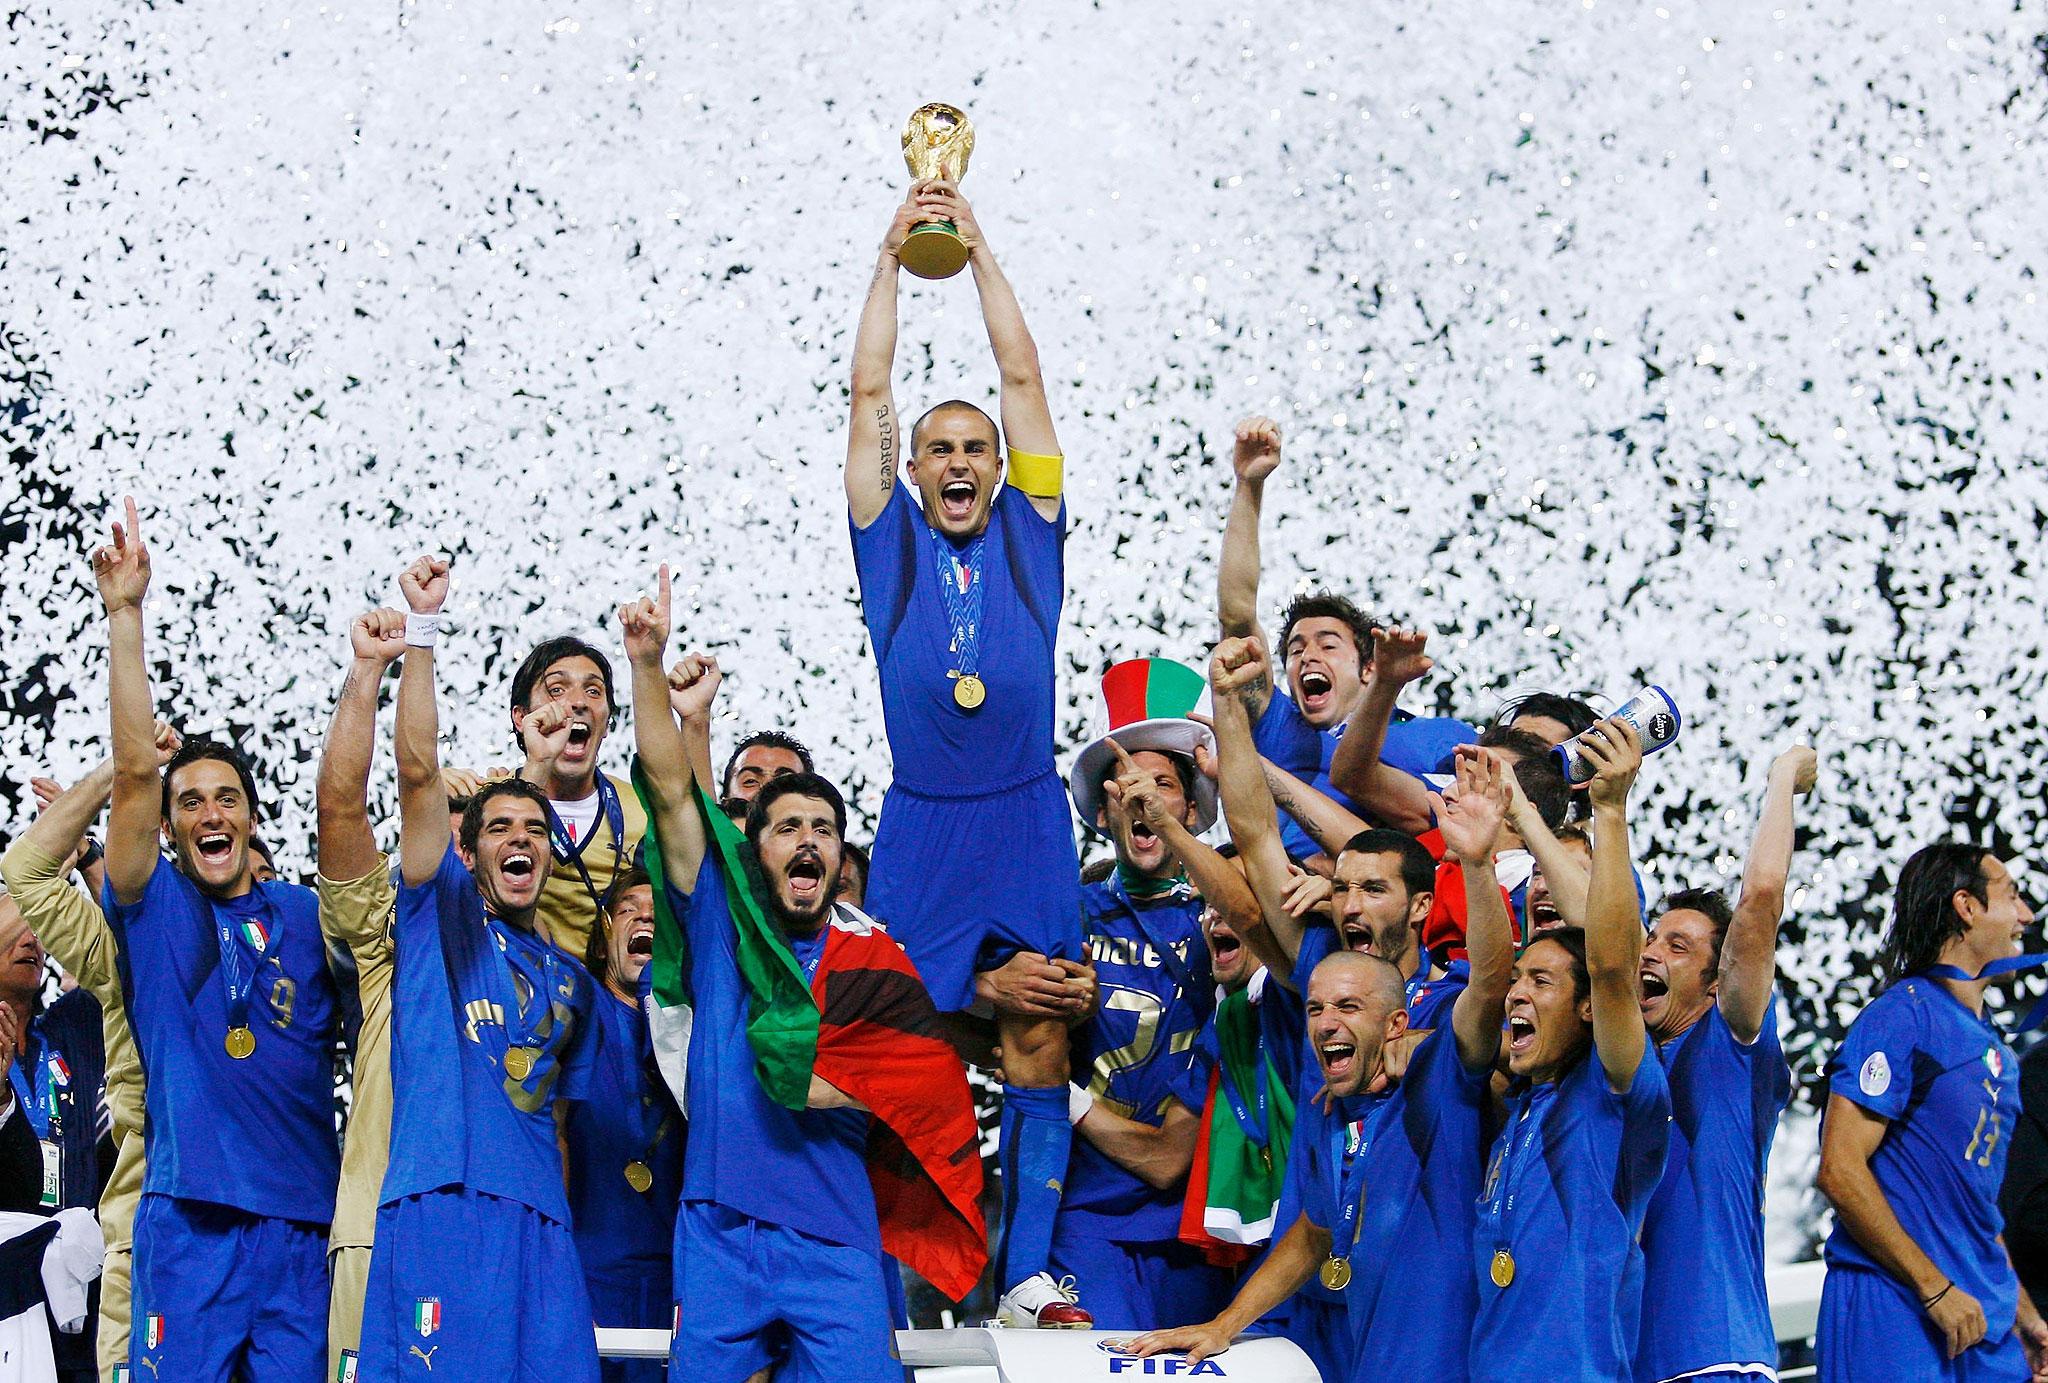 Ο Fabio Cannavaro σηκώνει το τρόπαιο του Παγκοσμίου Κυπέλλου το 2006